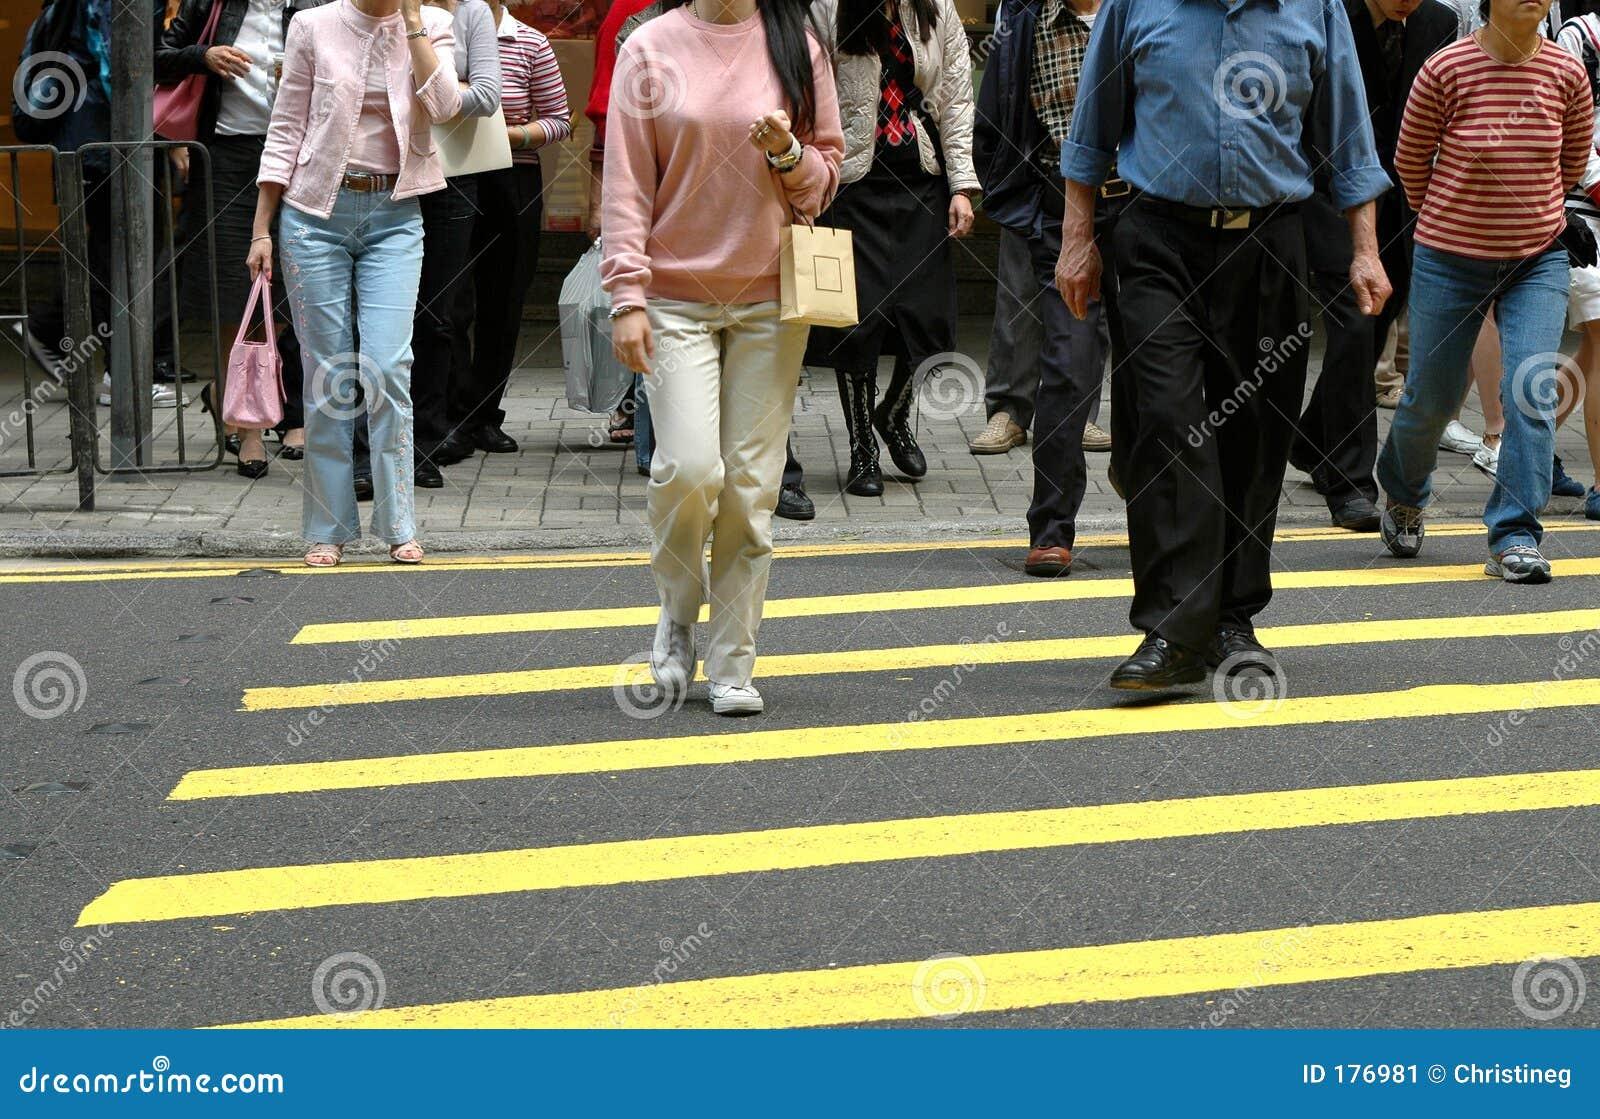 行人穿越道步行者